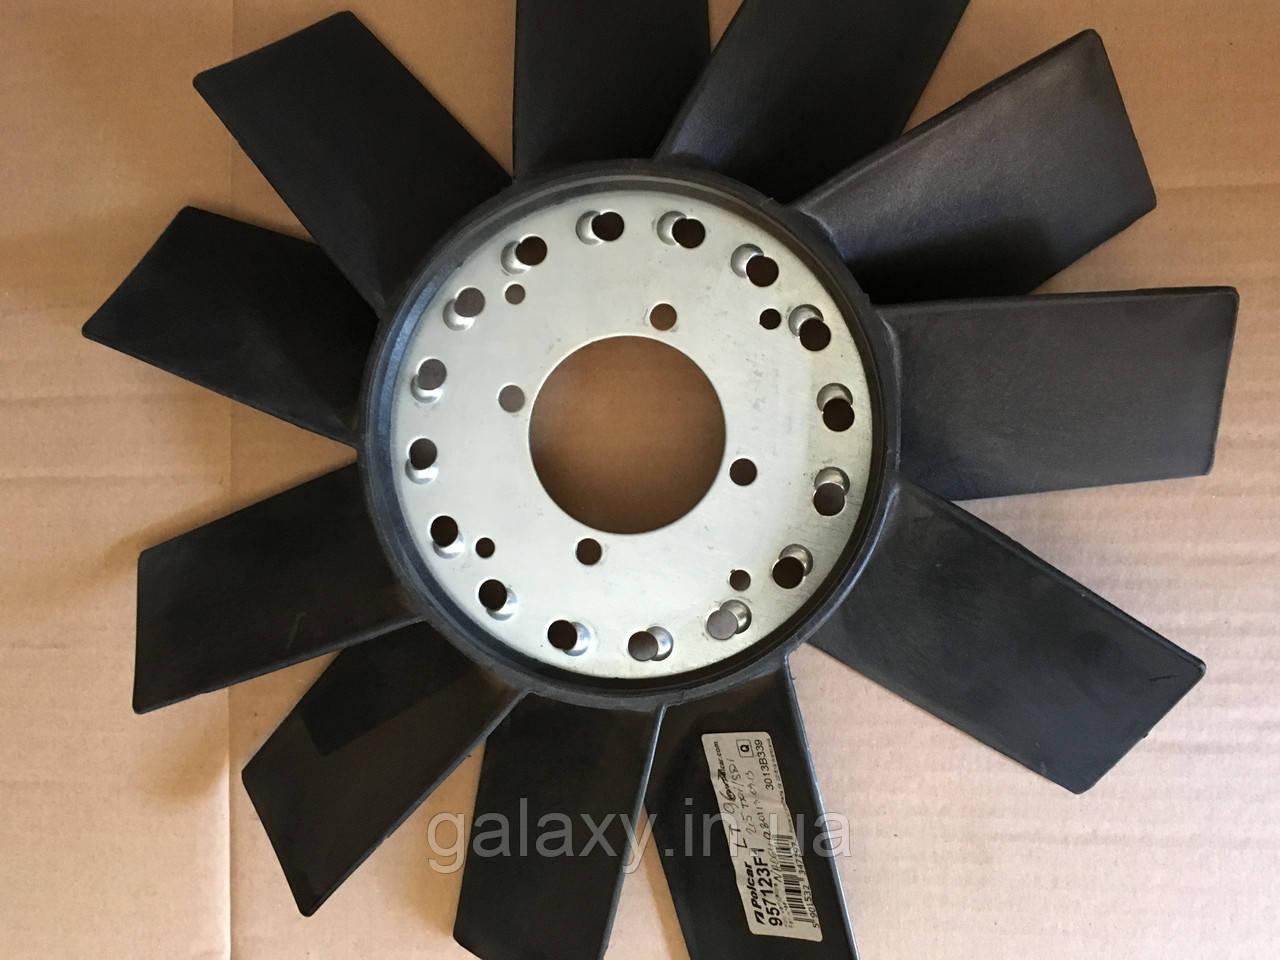 Крыльчатка вентилятора VW LT 28-46 2.5 TDi / SDi 1996 - 2006